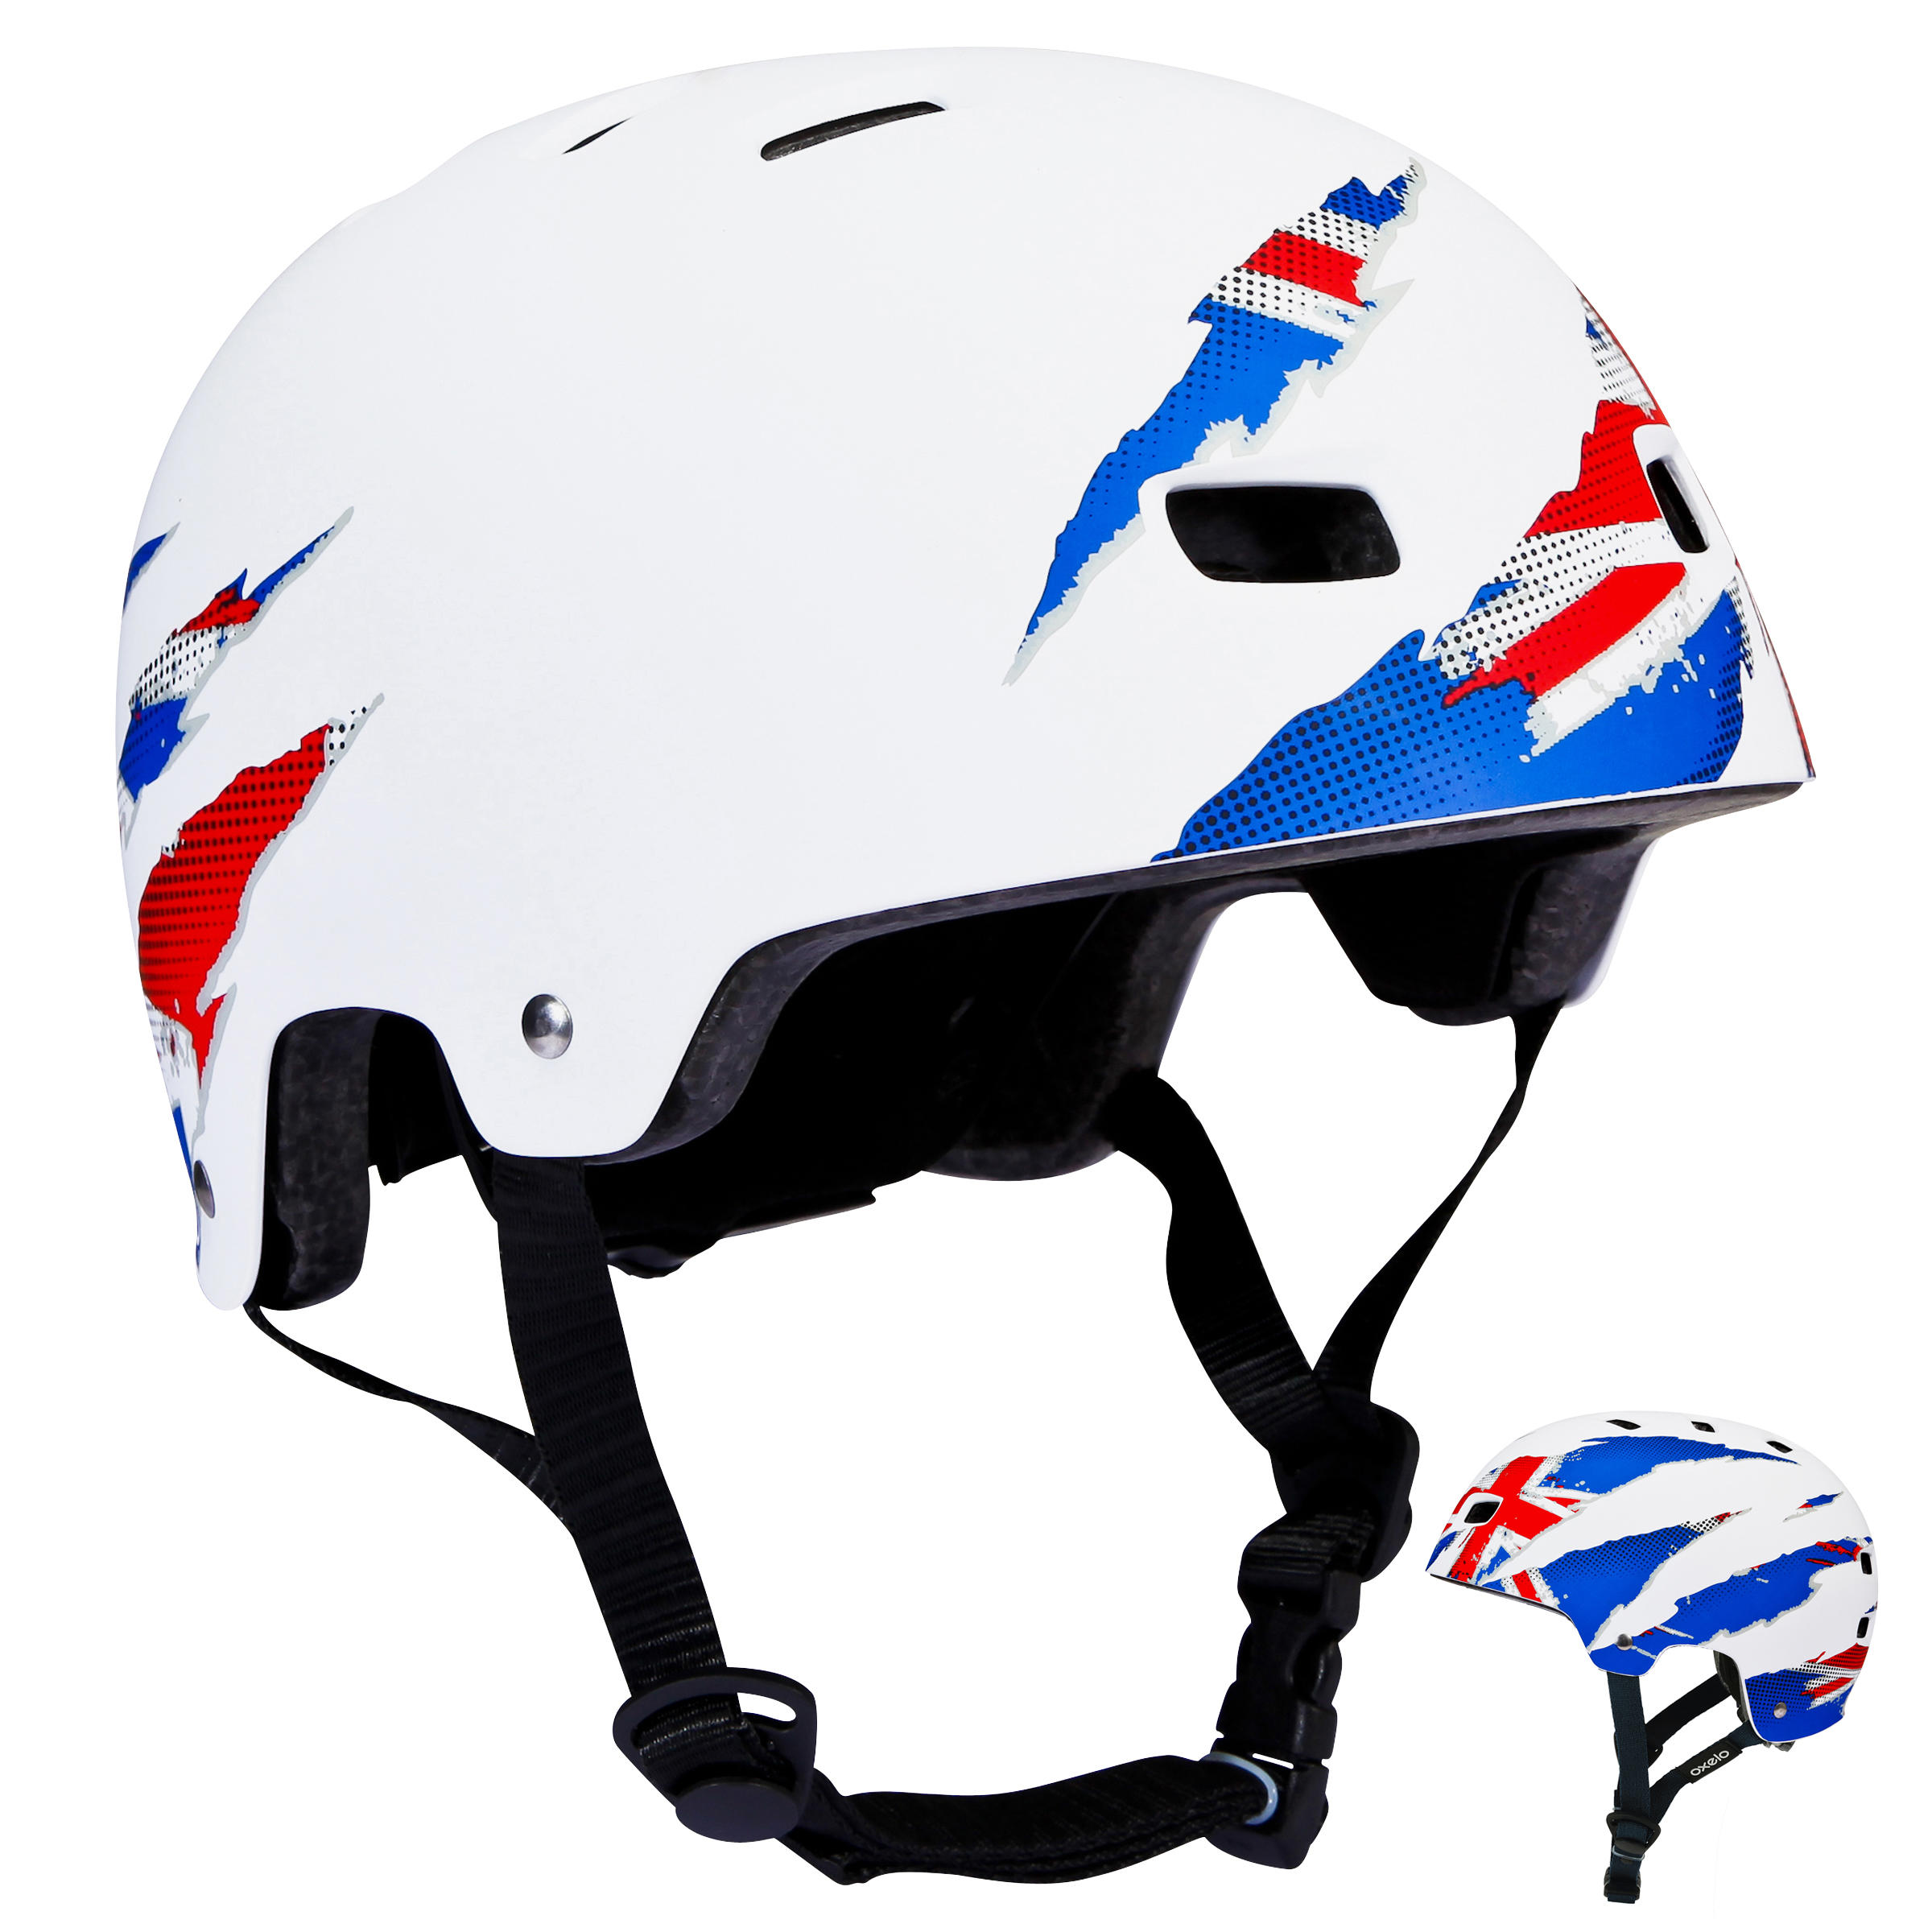 Helm MF 7 voor skeeleren skateboarden steppen fietsen UK